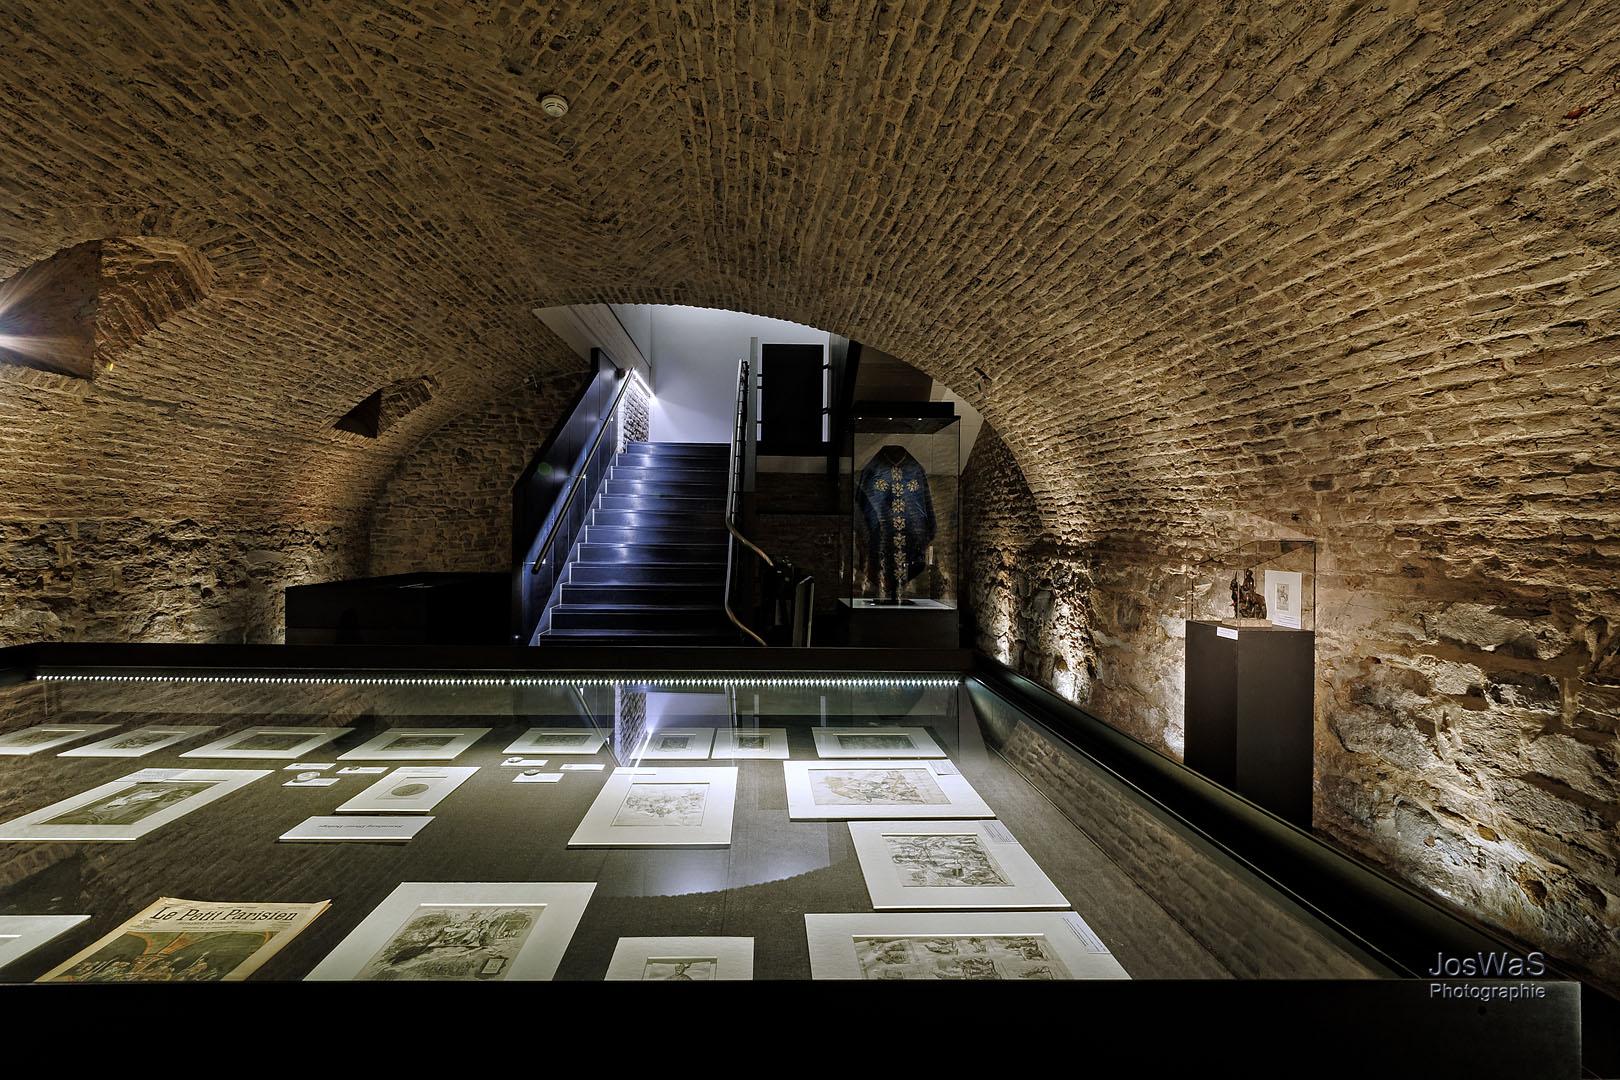 Innenarchitektur Aachen joswas photographie domschatzkammer aachen